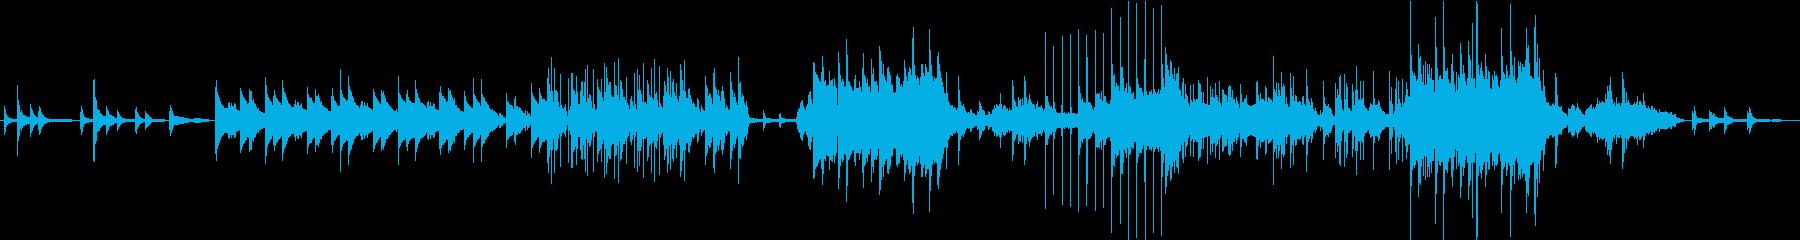 お洒落なピアノフレーズが特徴の再生済みの波形